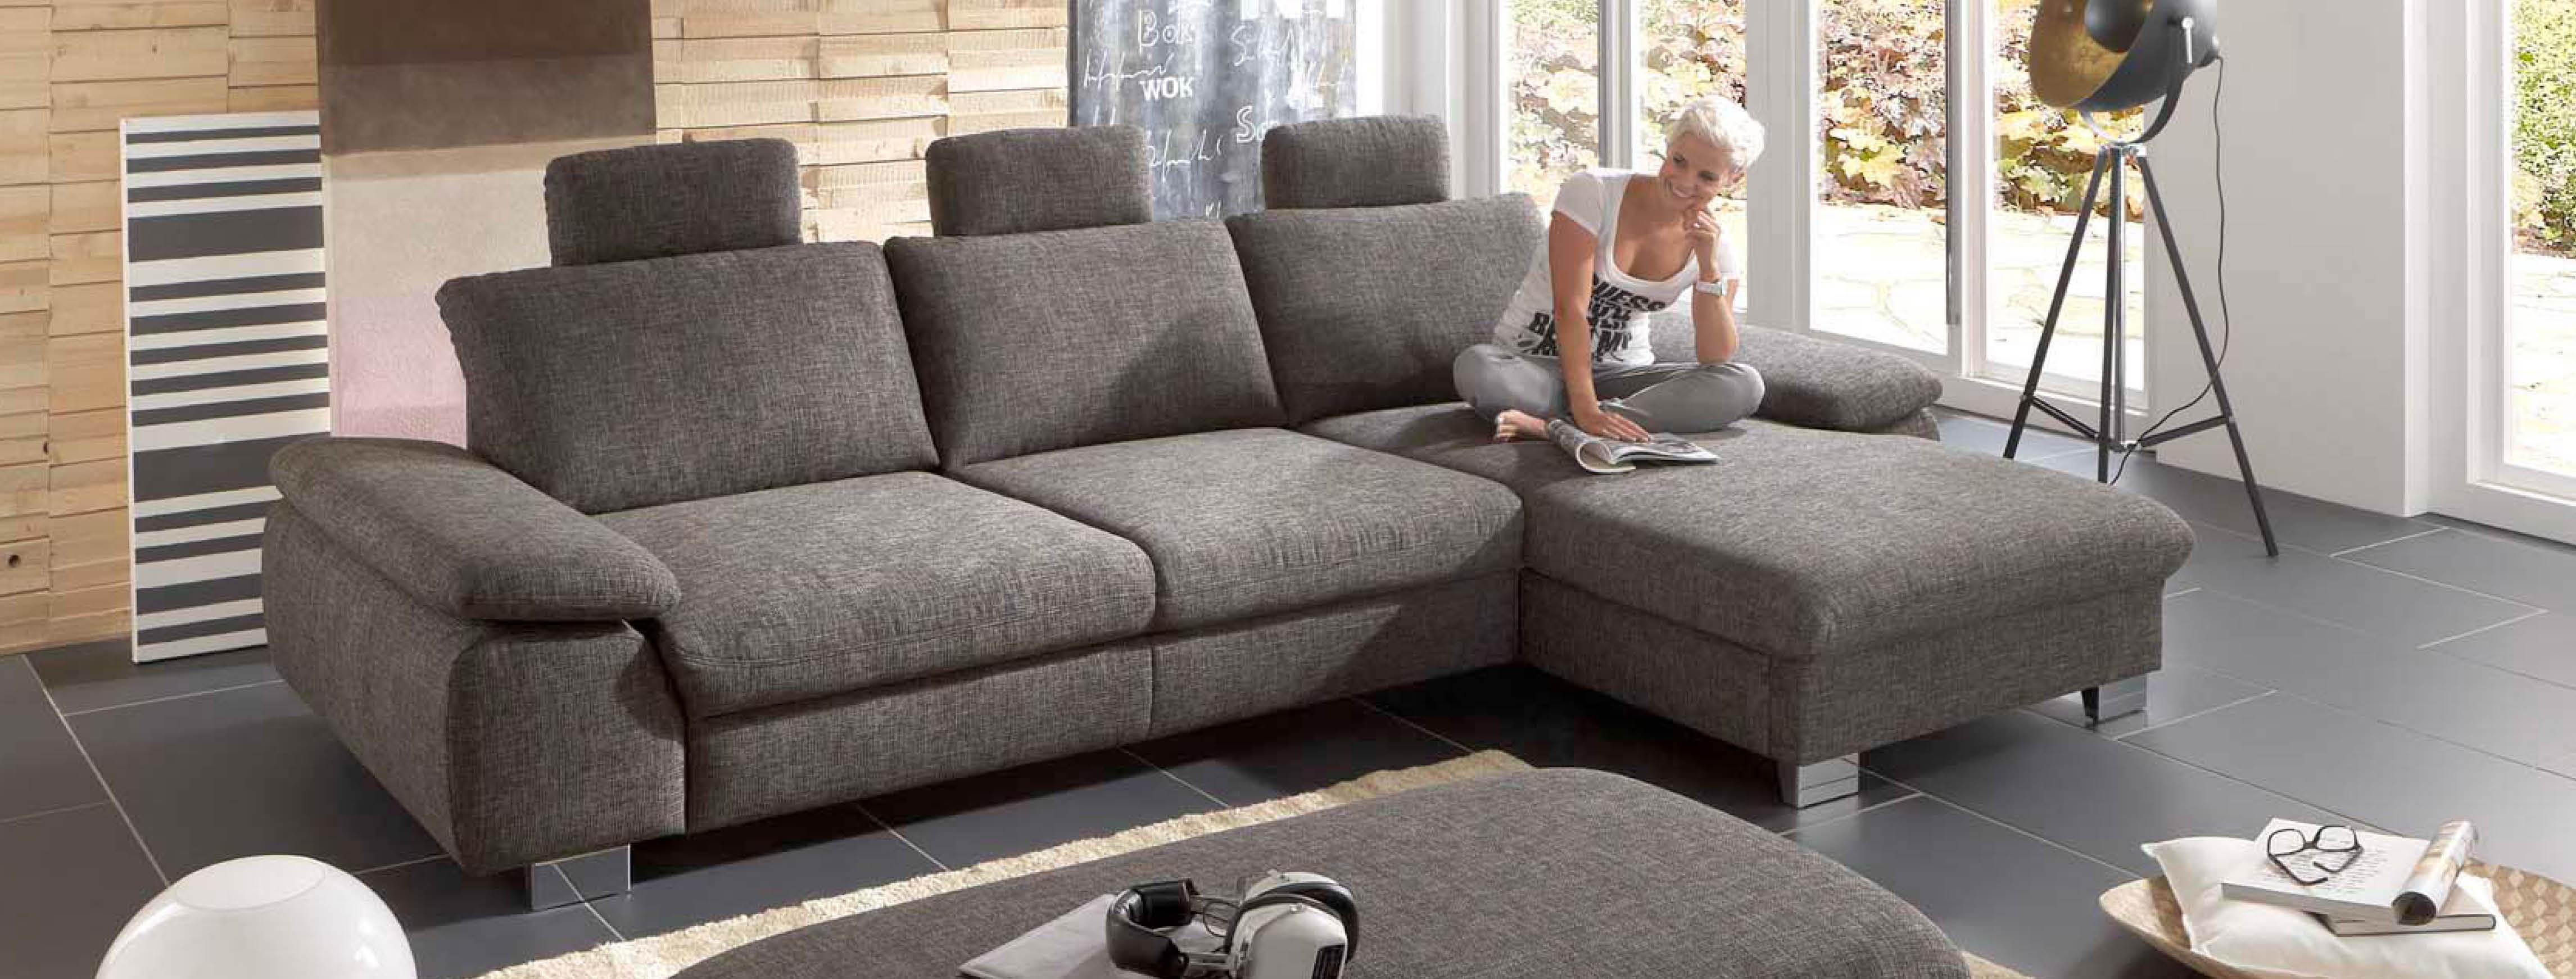 moebelmarkt dogern sofas stoff vs leder 3 m belmarkt. Black Bedroom Furniture Sets. Home Design Ideas